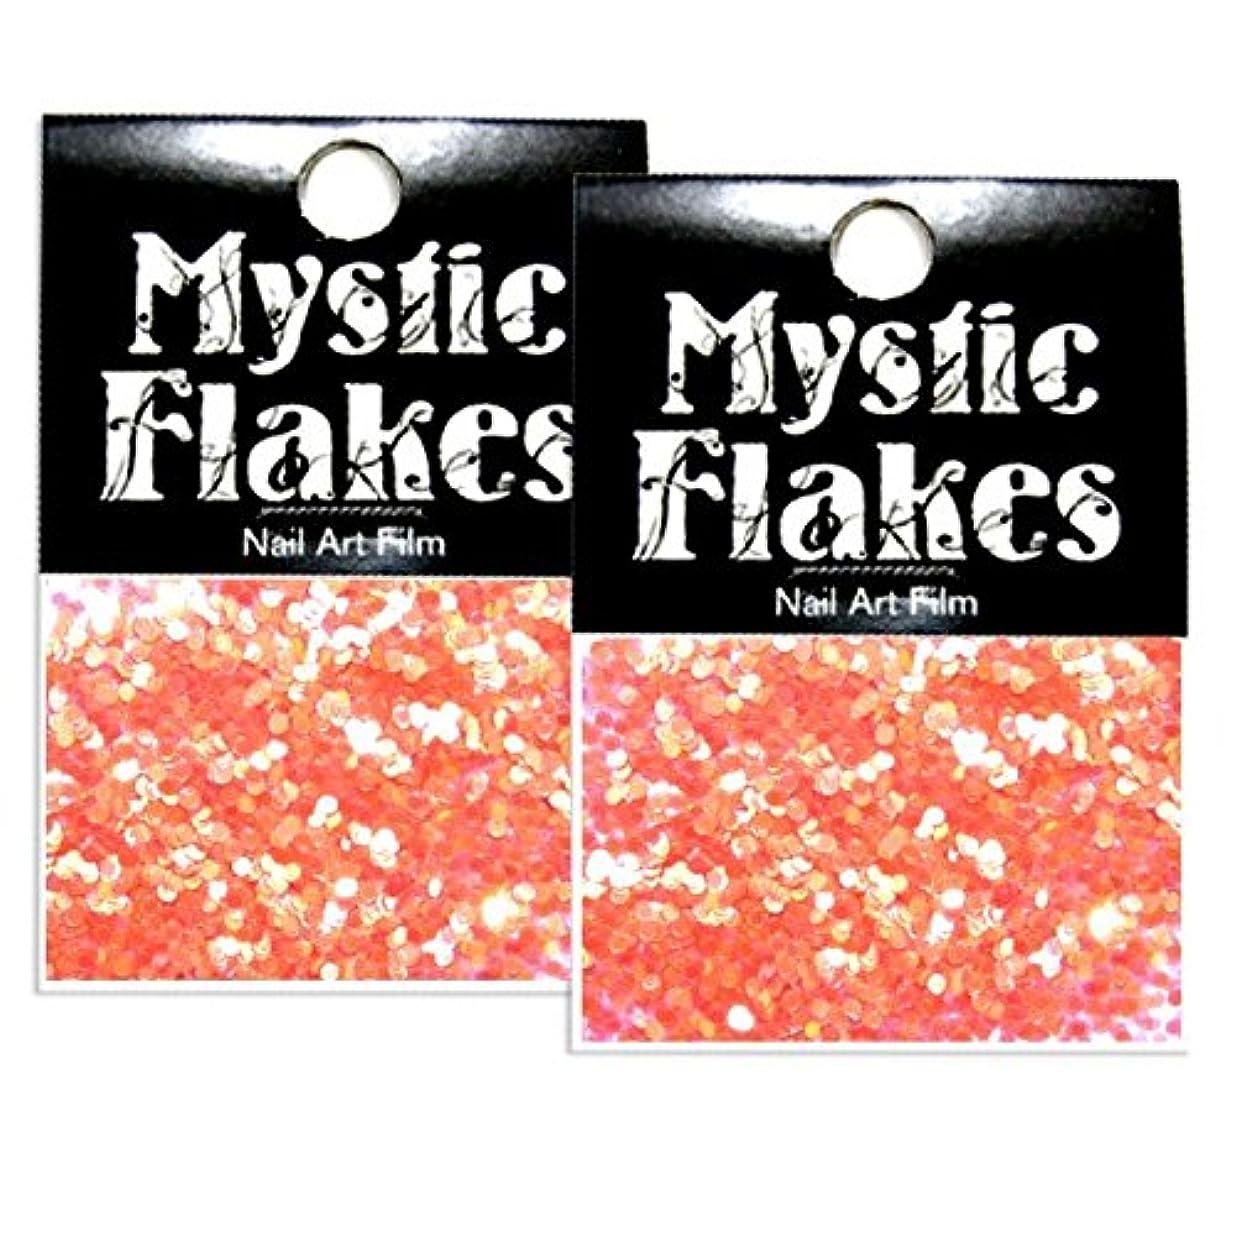 満了デジタル真似るミスティックフレース ネイル用ストーン パールレッド ヘキサゴン 1mm 0.5g 2個セット